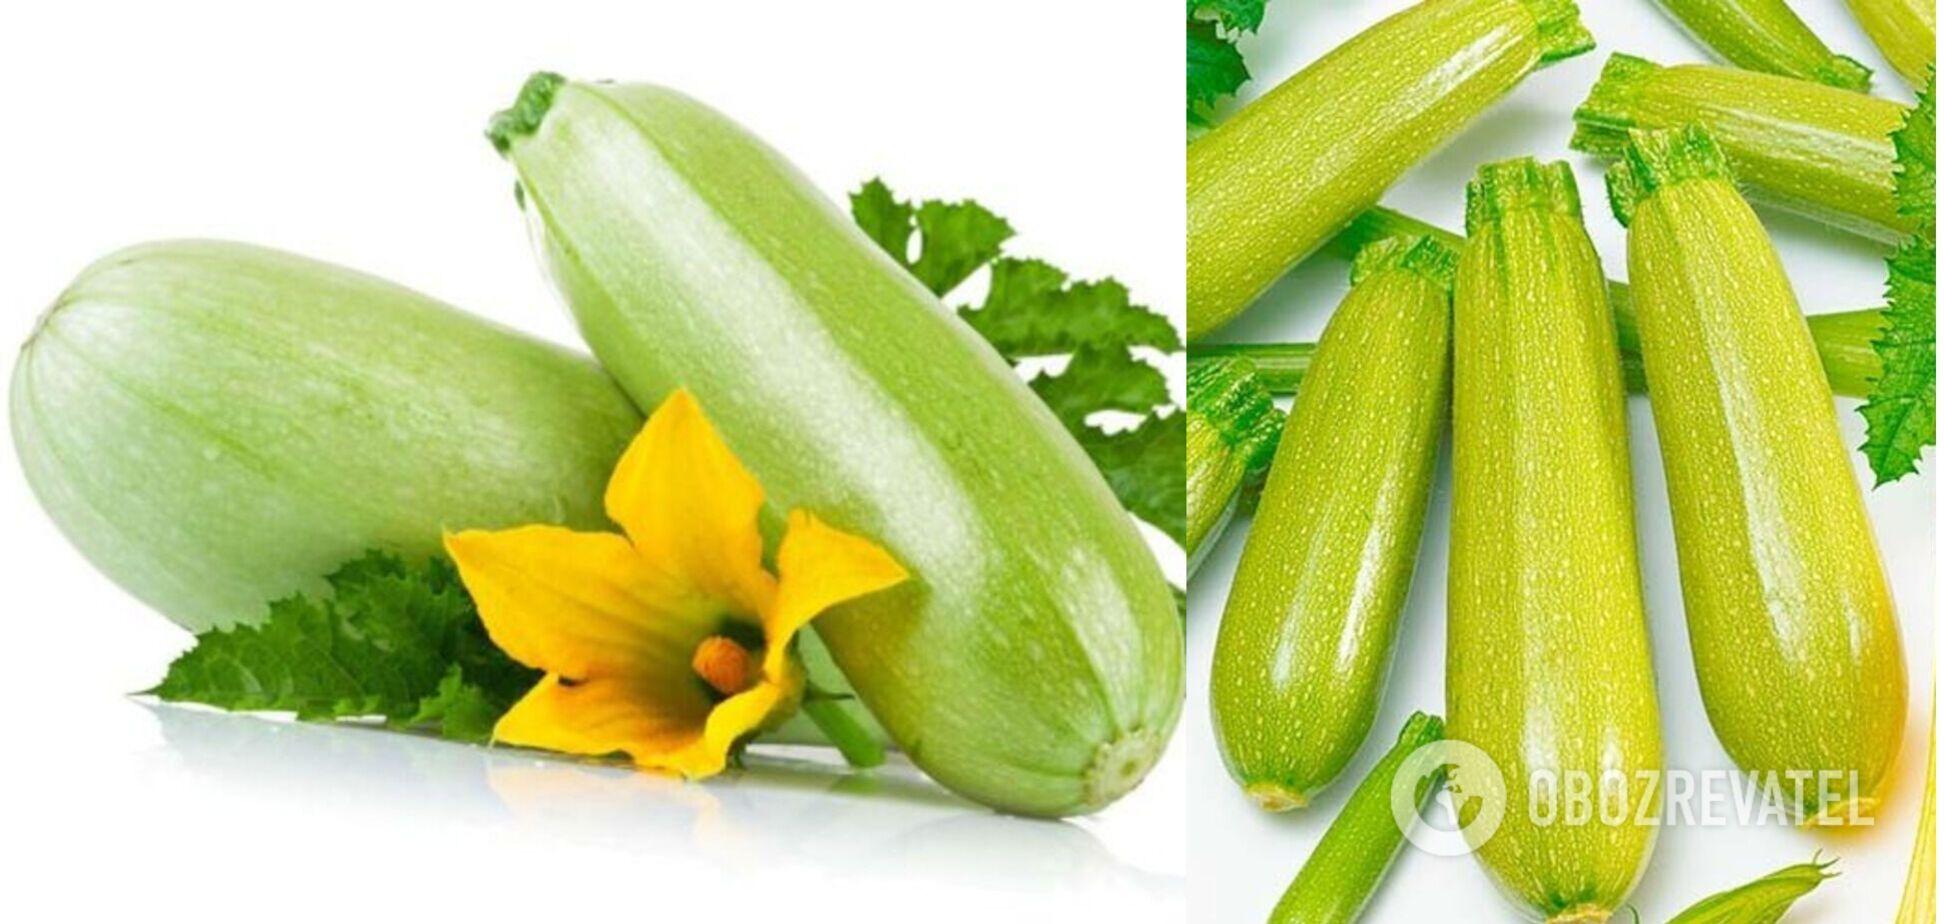 Кабачок – недооцінений овоч: як вибрати найкорисніший